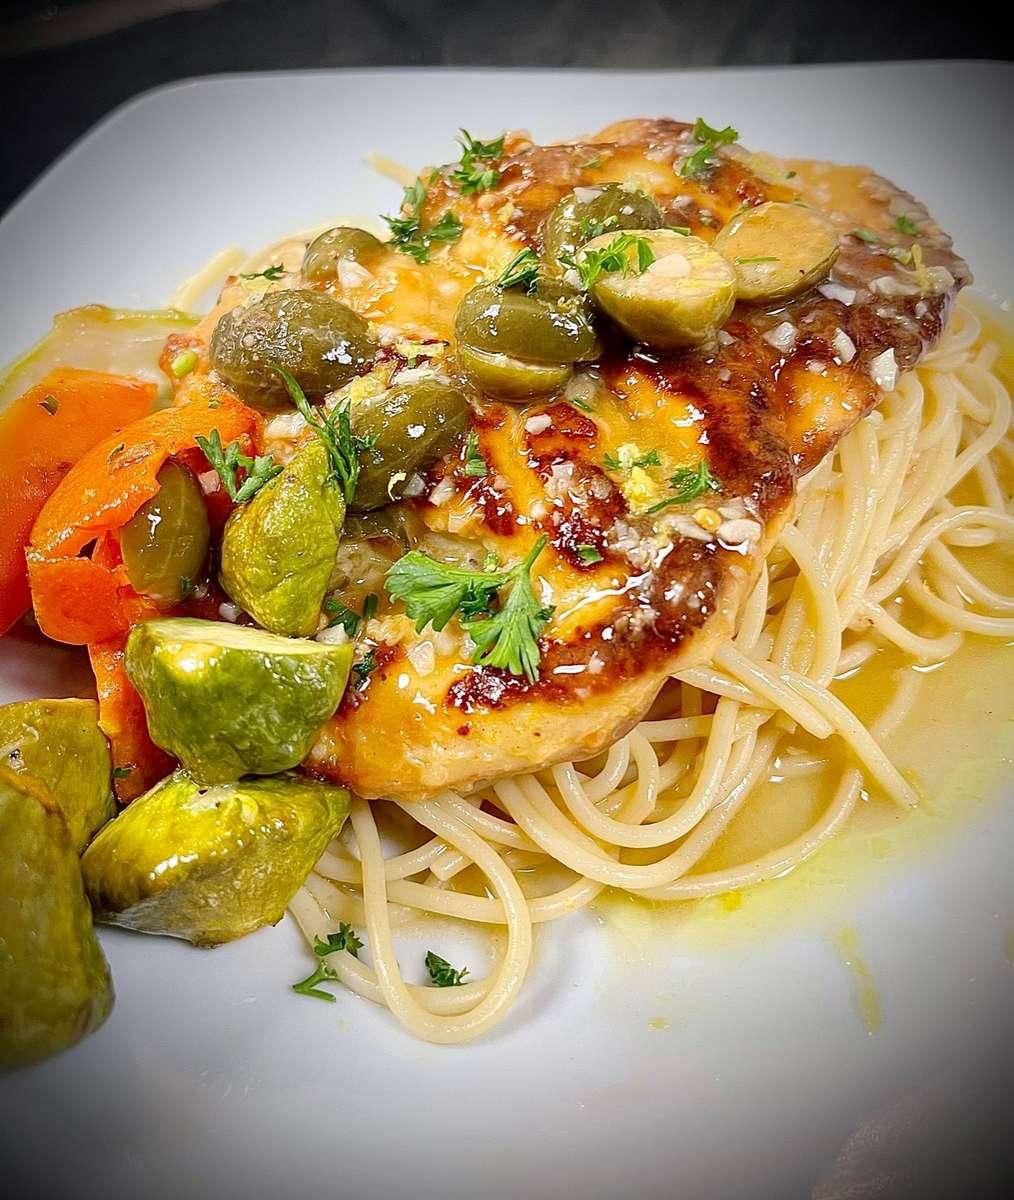 Chicken Piccatta with spaghetti